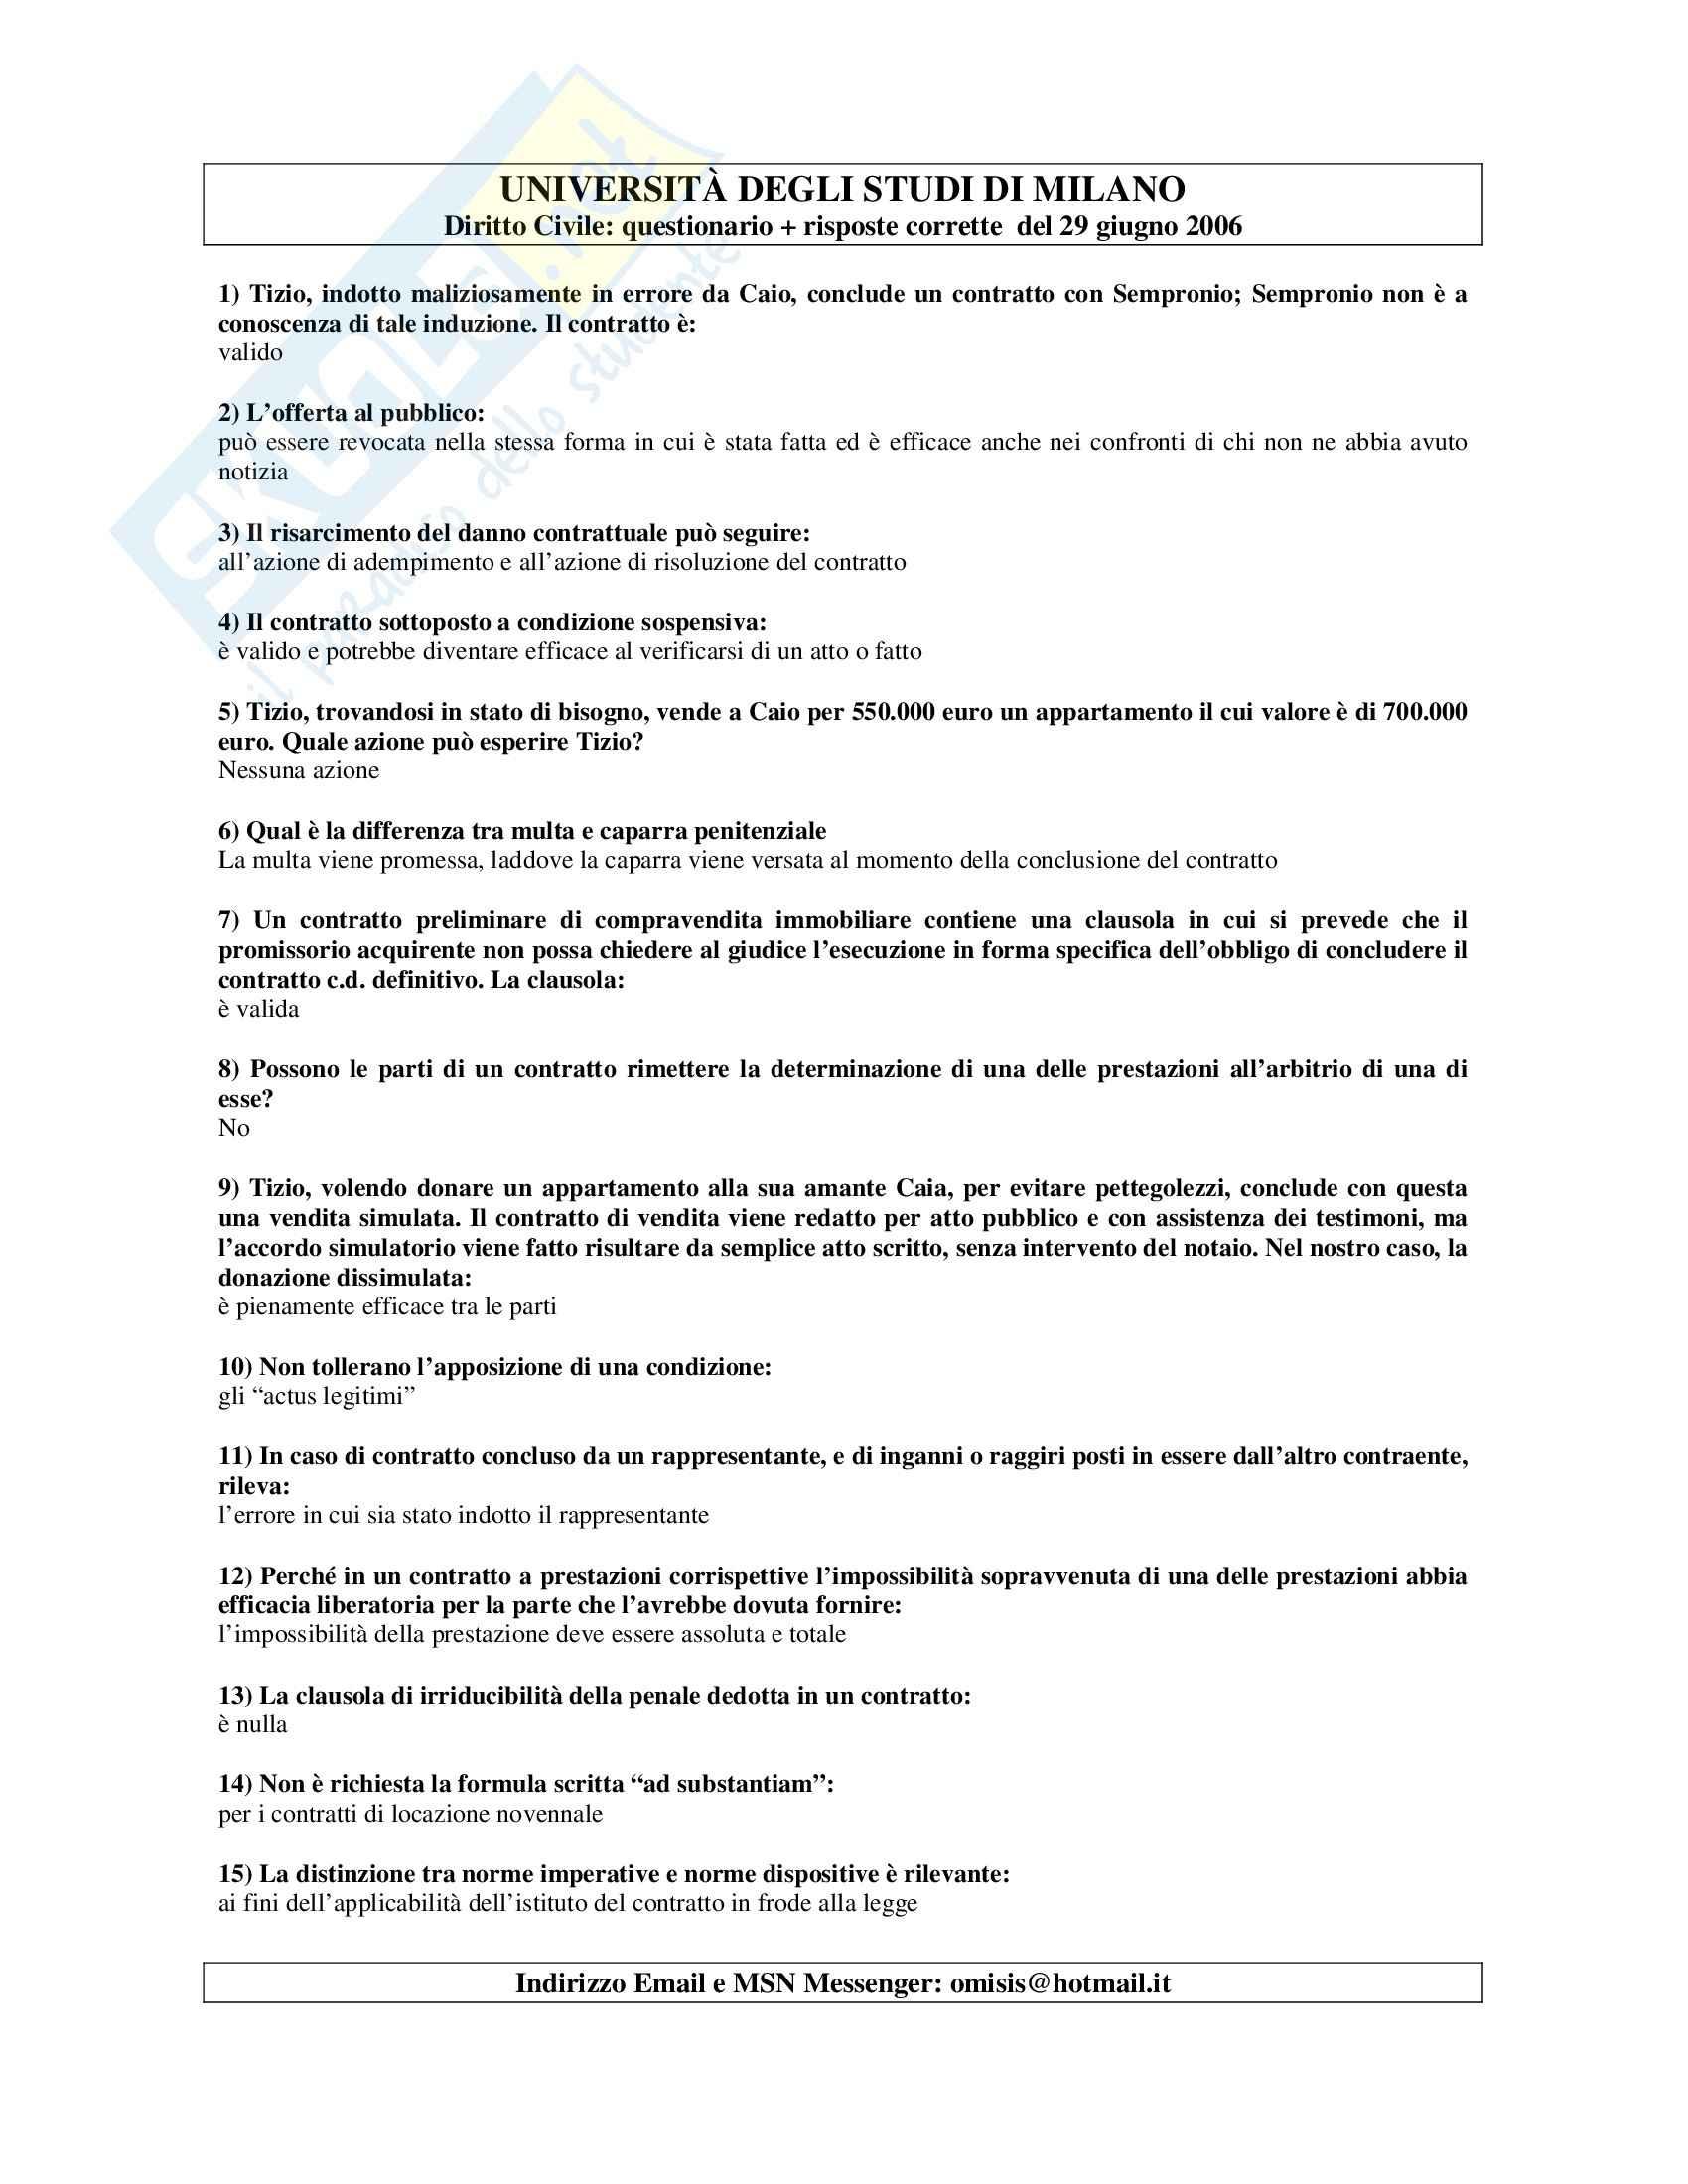 Diritto civile - Test